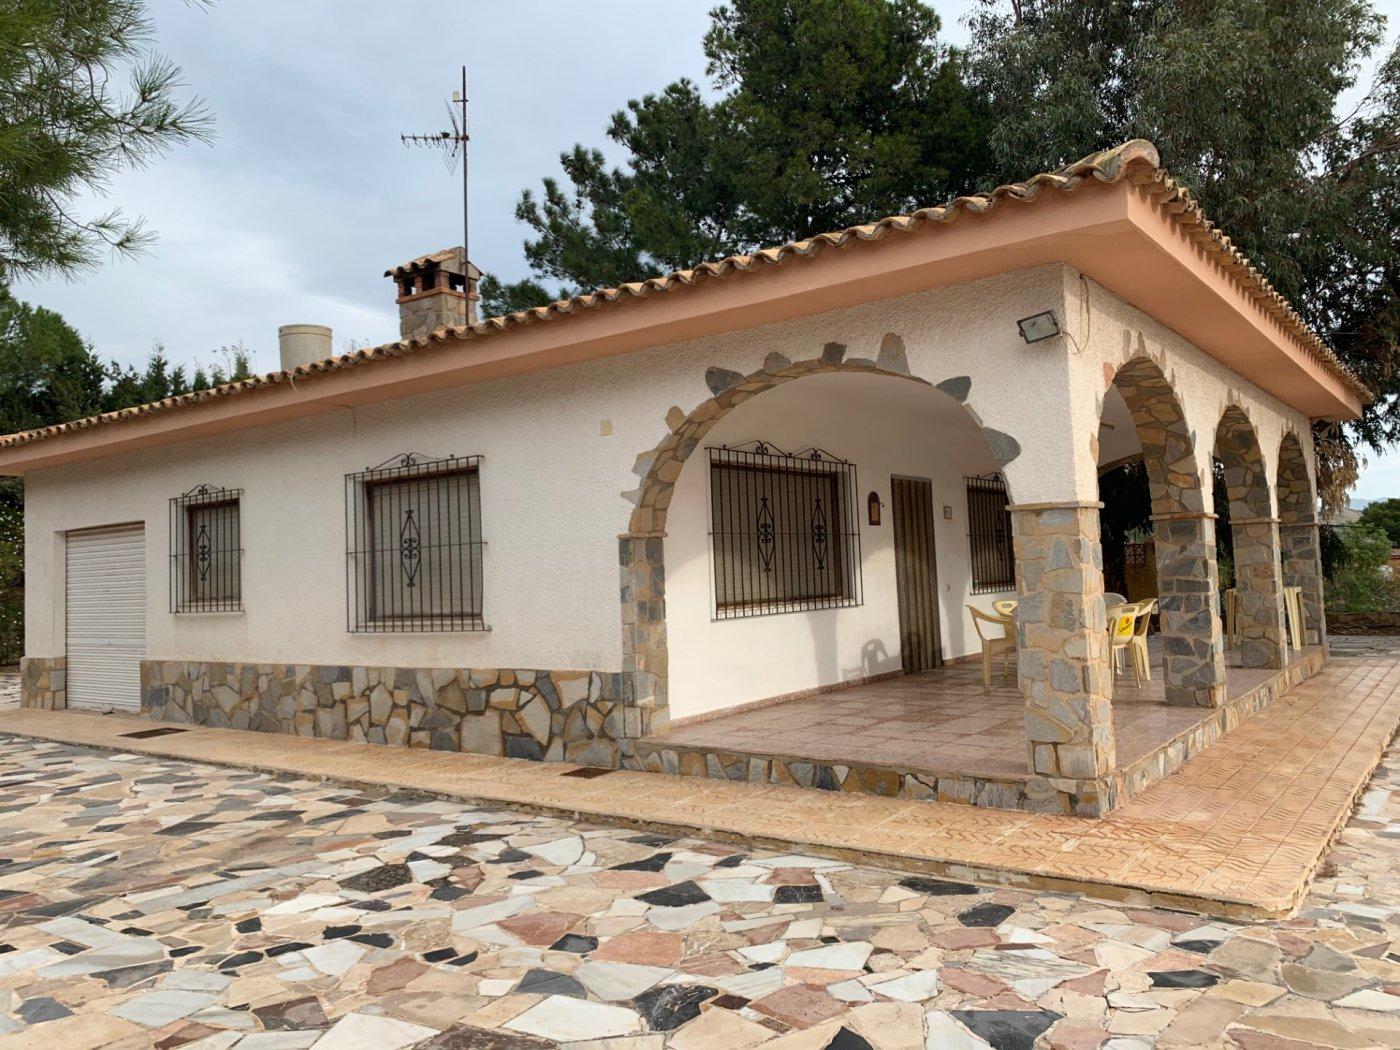 Casas - abd04328